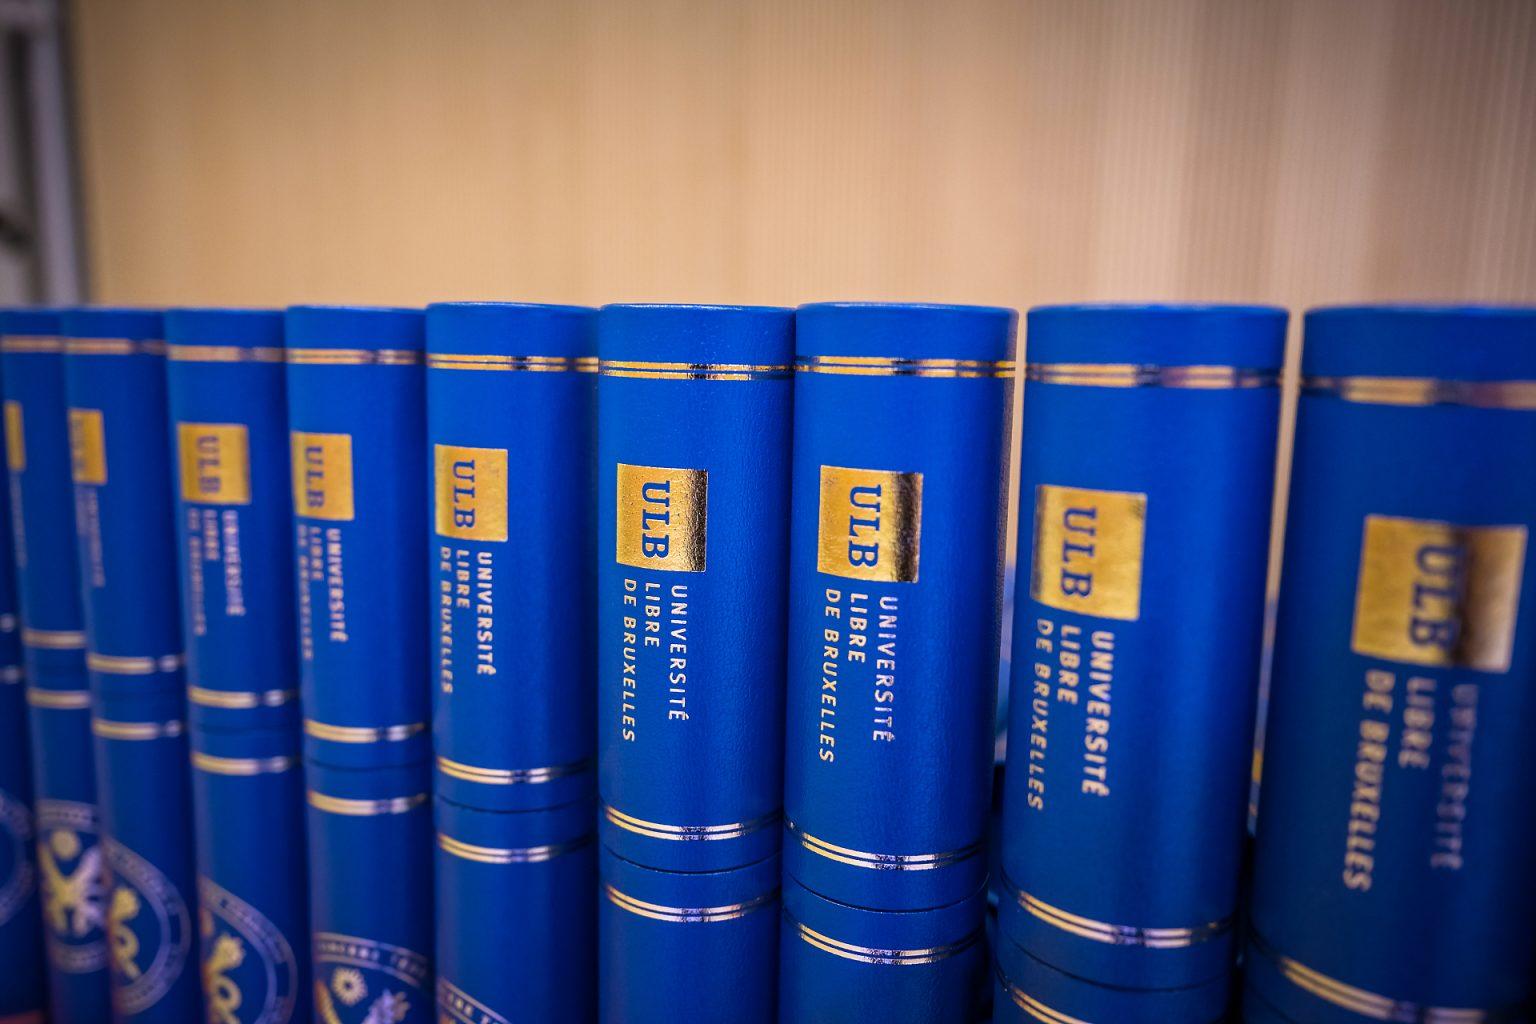 Détails des diplômes, Proclamation de la promotion des Facultés de Lettres, traduction et Communication 2018-2019 (ULB), par Aurore Delsoir Photographe corporate